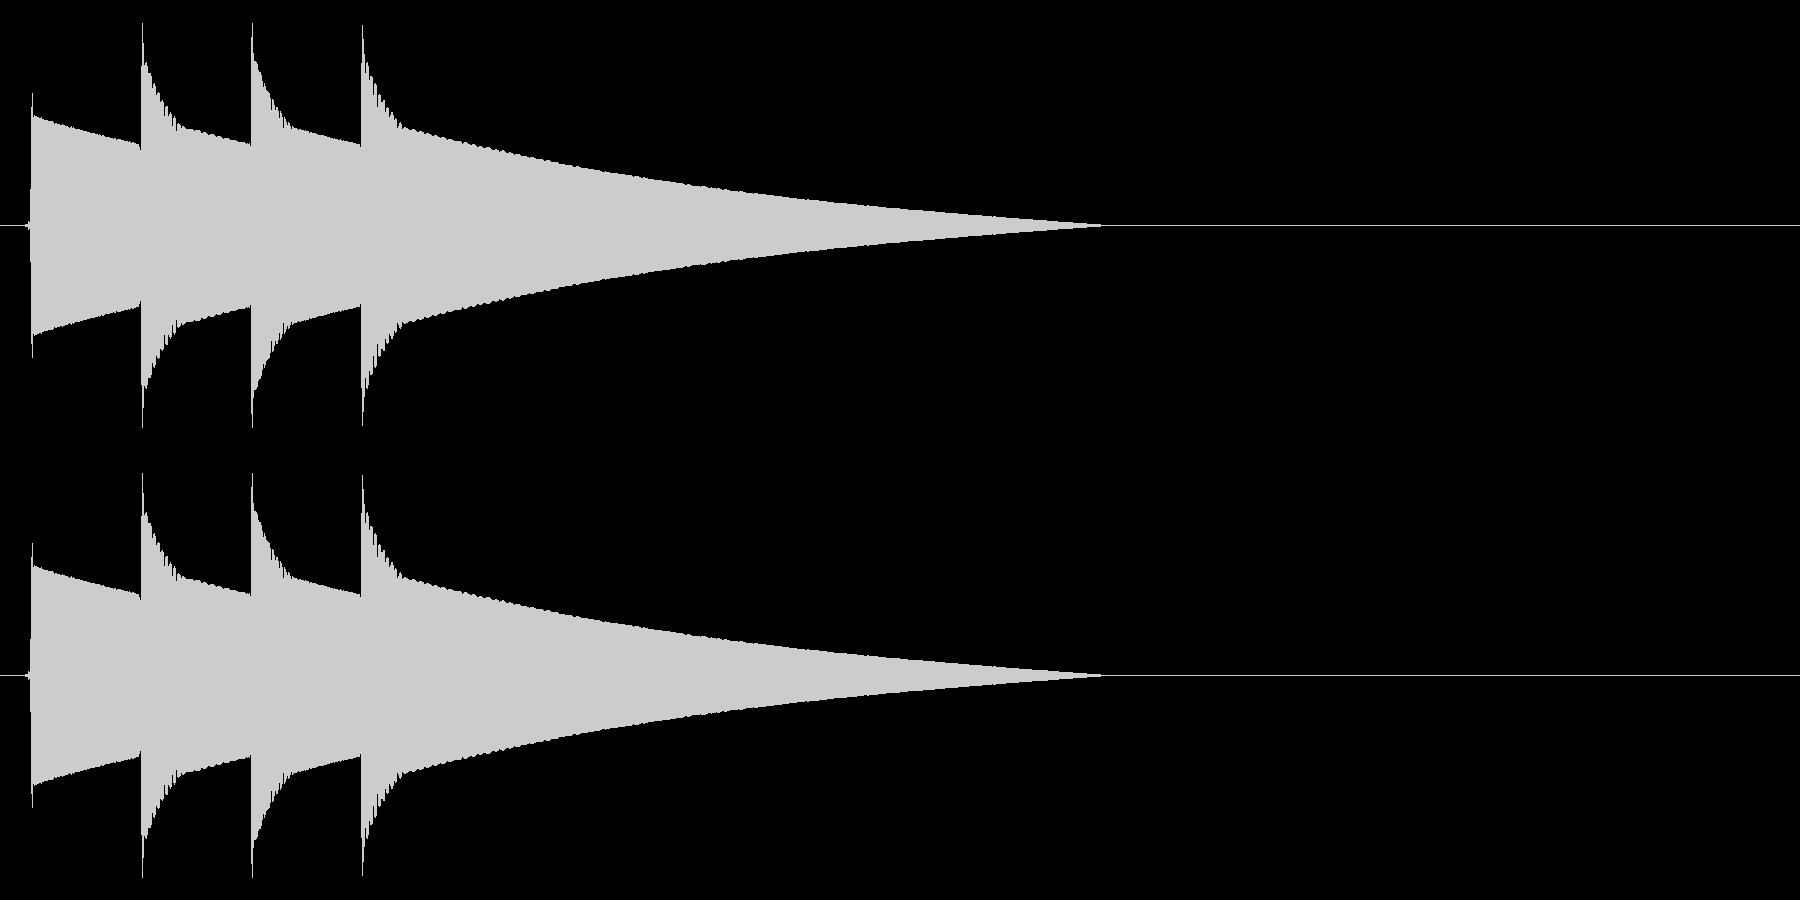 ピポピポーン(正解、高めの音)の未再生の波形